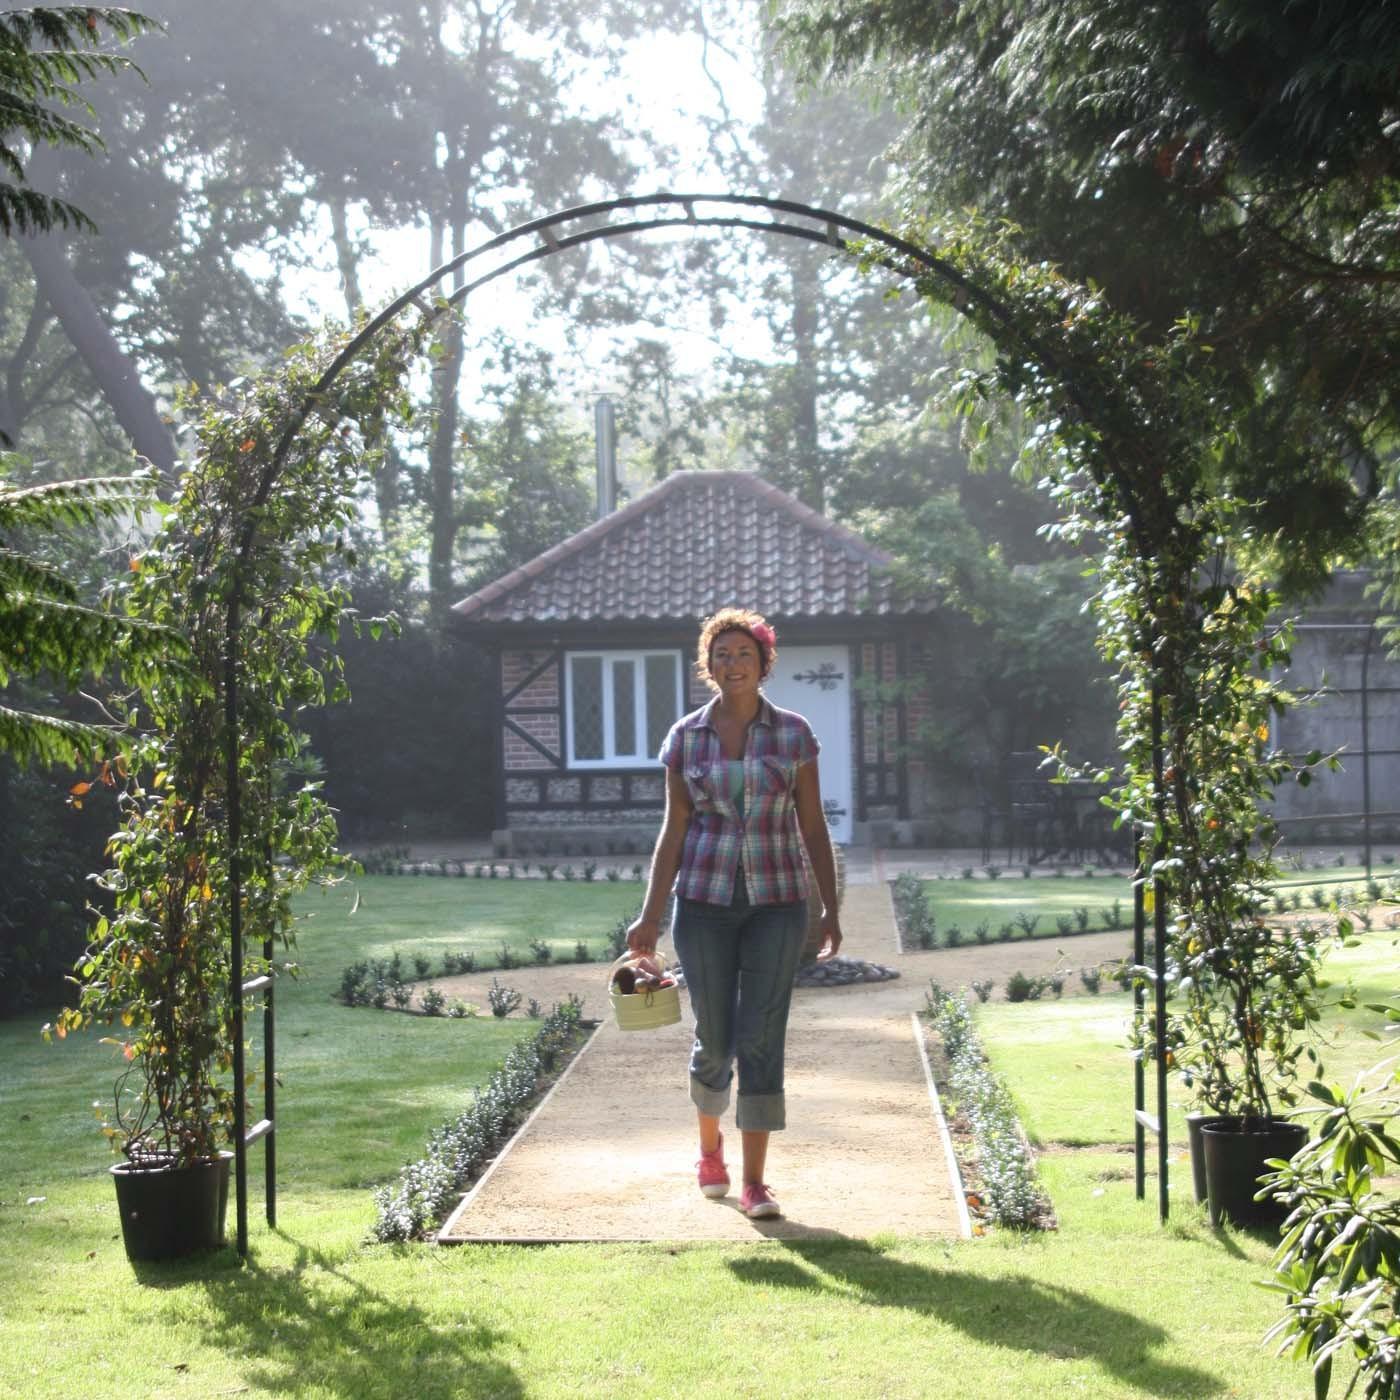 Freistehendes Spalier Bauen Beleuchtung Und Wasseranschluss Garten